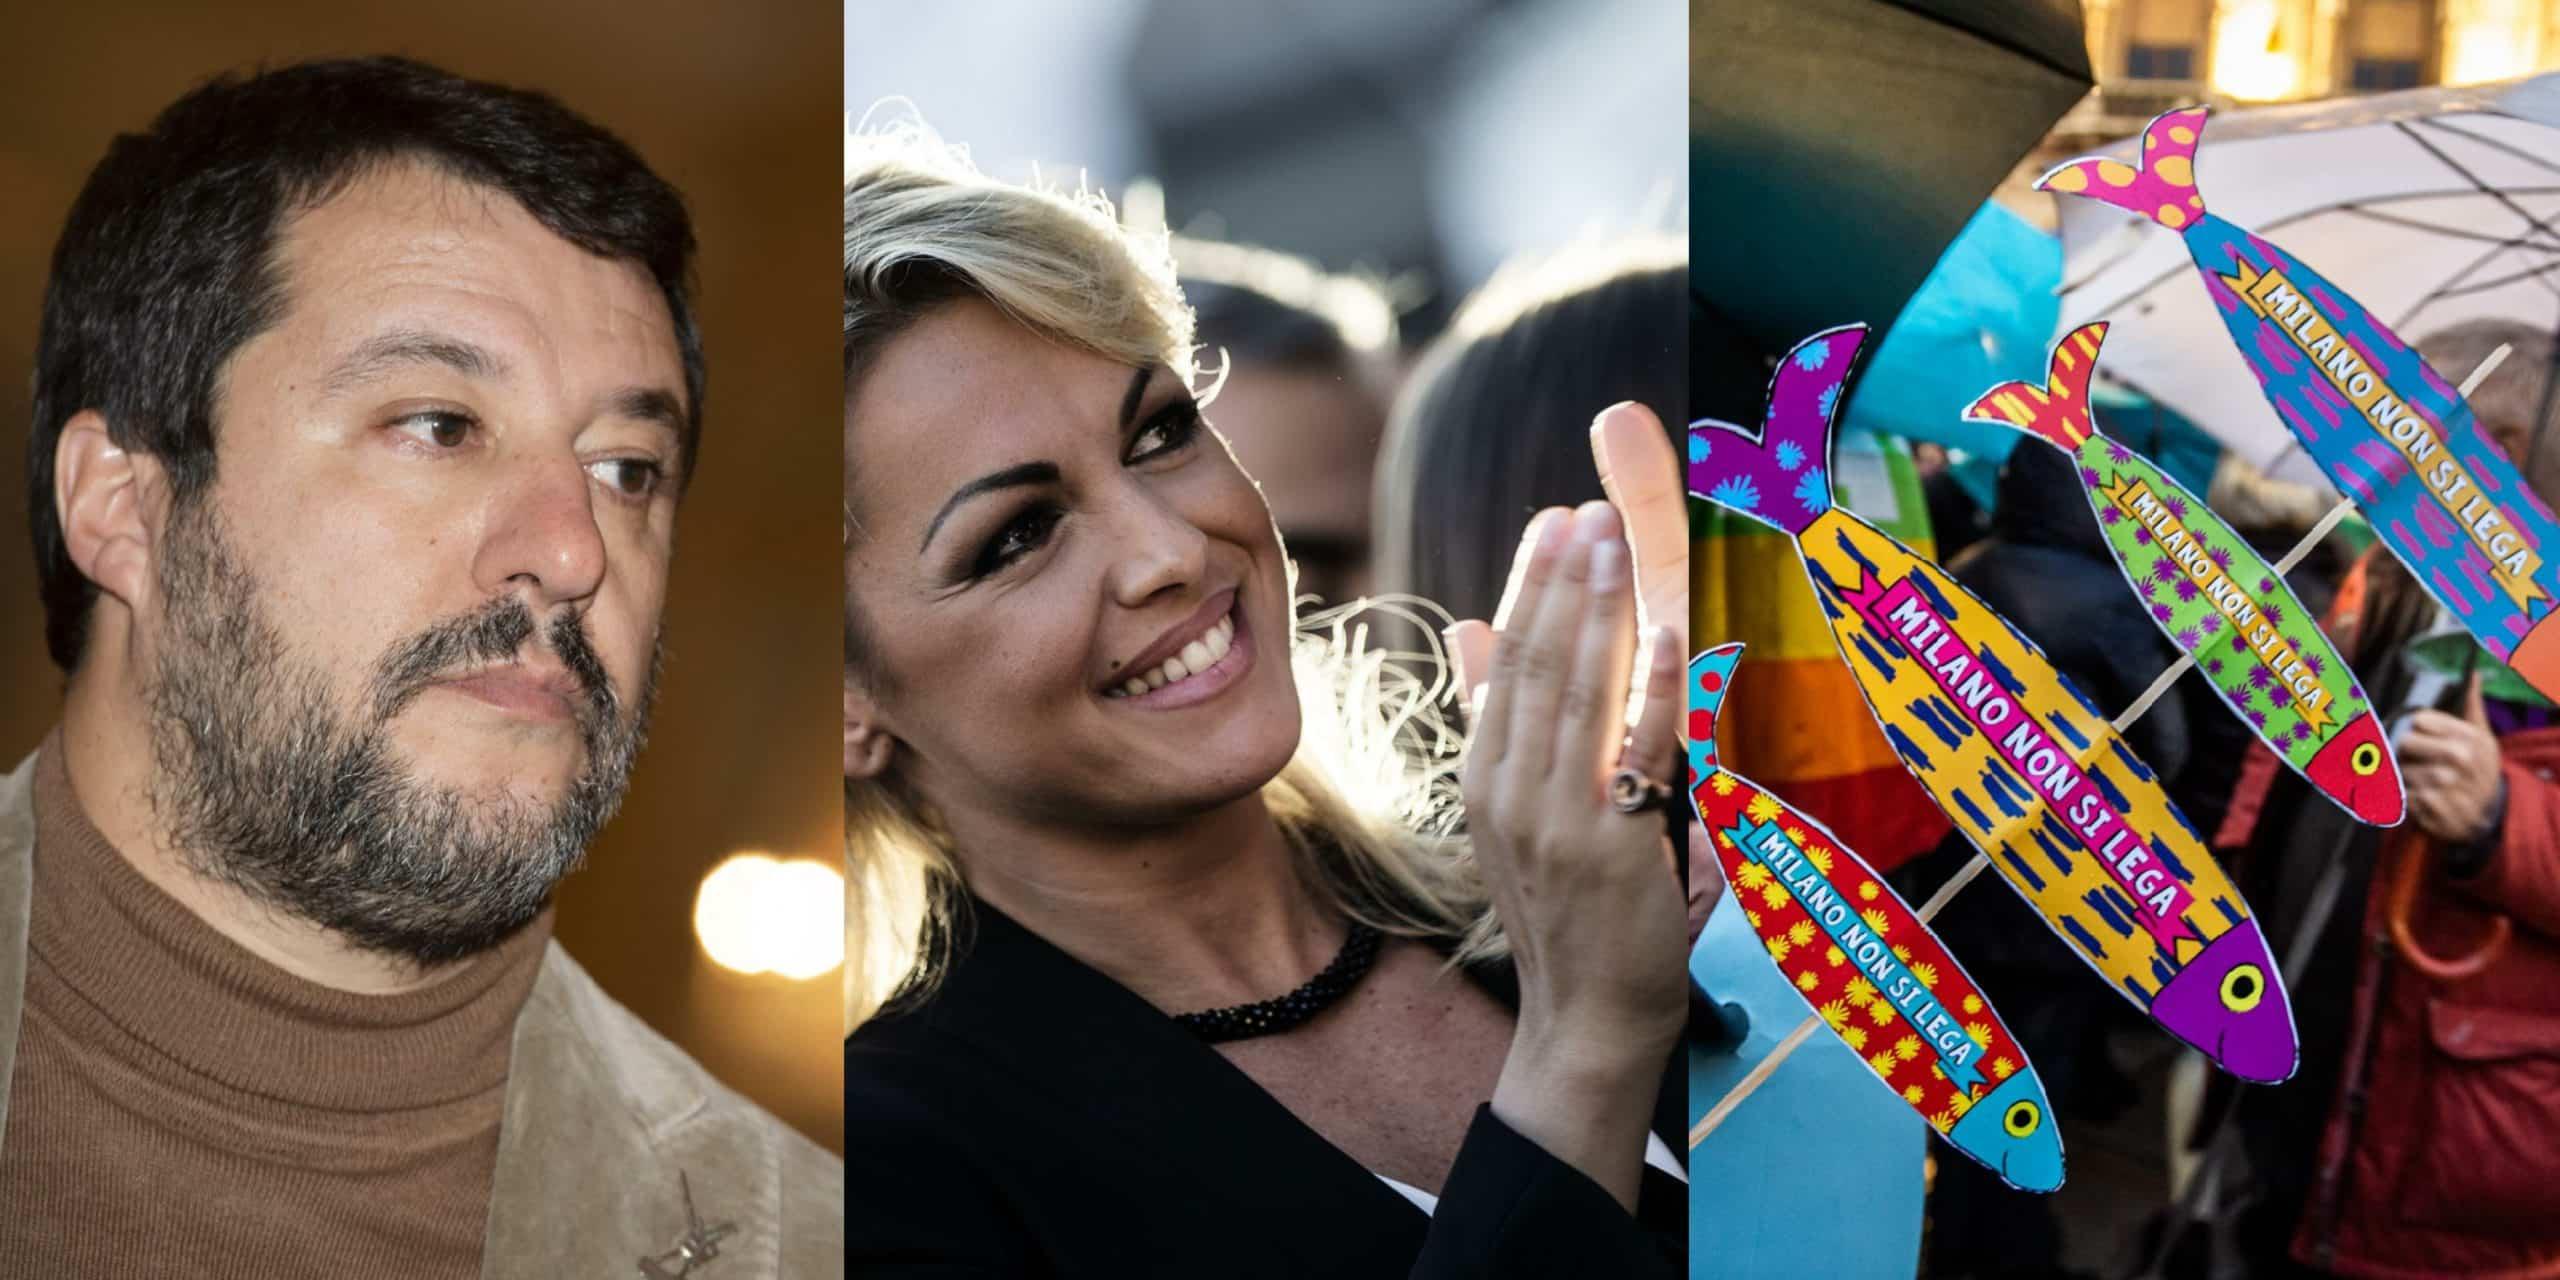 """Matteo Salvini a mezz'ora sulla fidanzata di Berlusconi """"Che bel futuro brillante per l'Italia, con la Pascale, Saviano e Carola in piazza con le sardine!"""""""